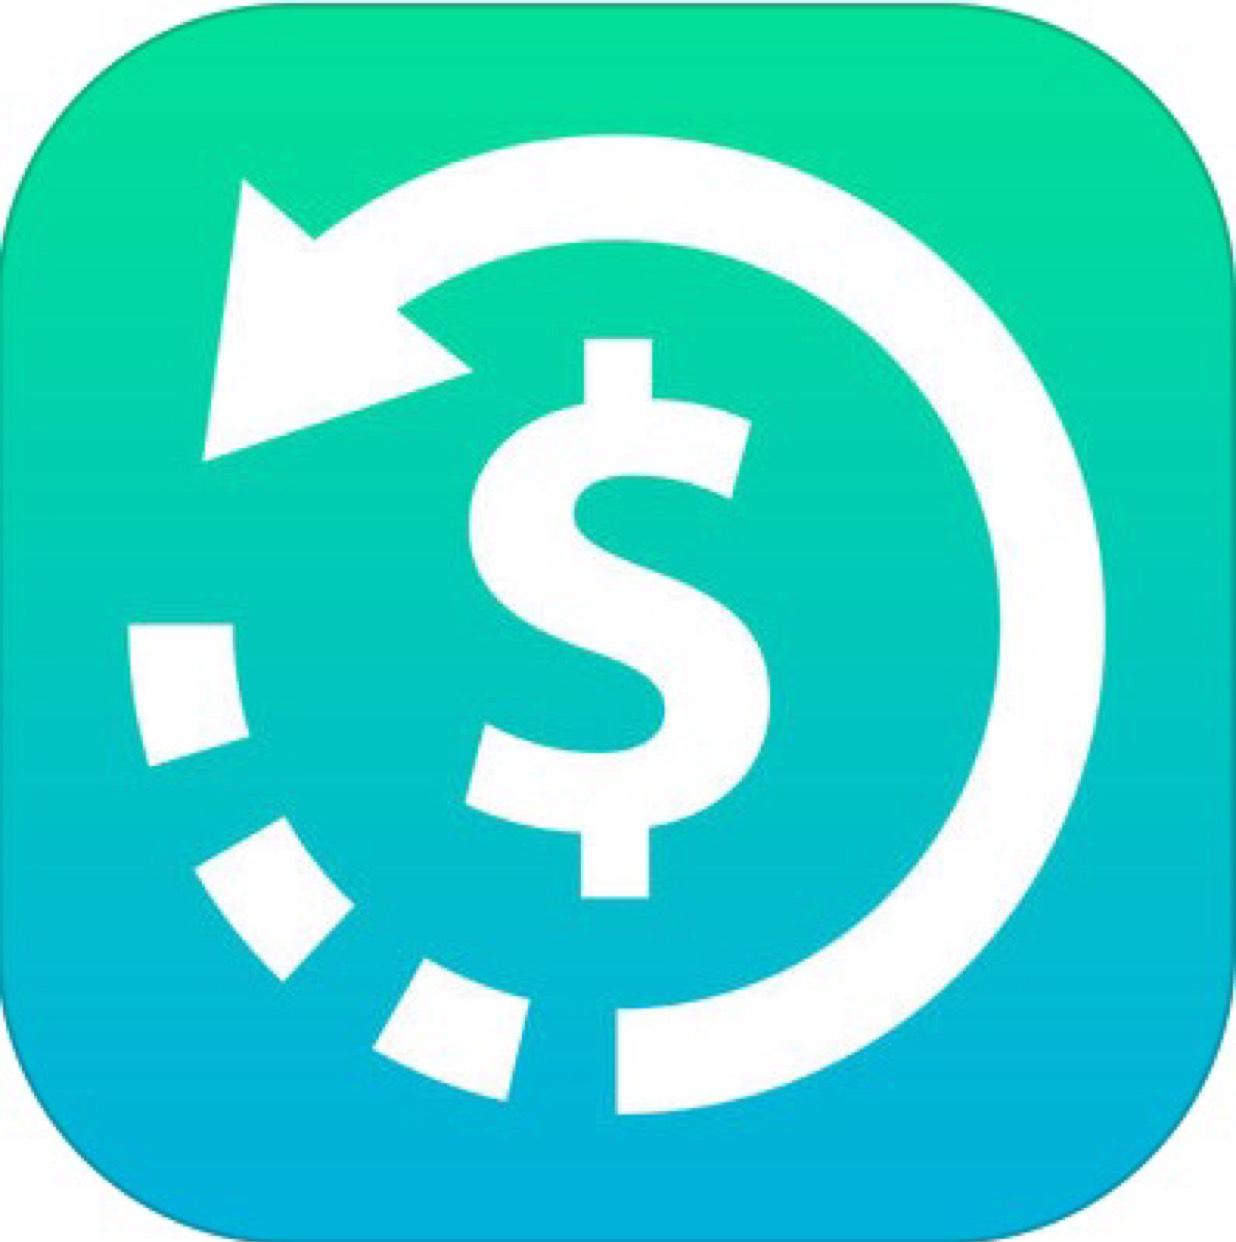 """[iOS] """"Frugi - Personal Finance Manager kostenlos statt 5,49€"""